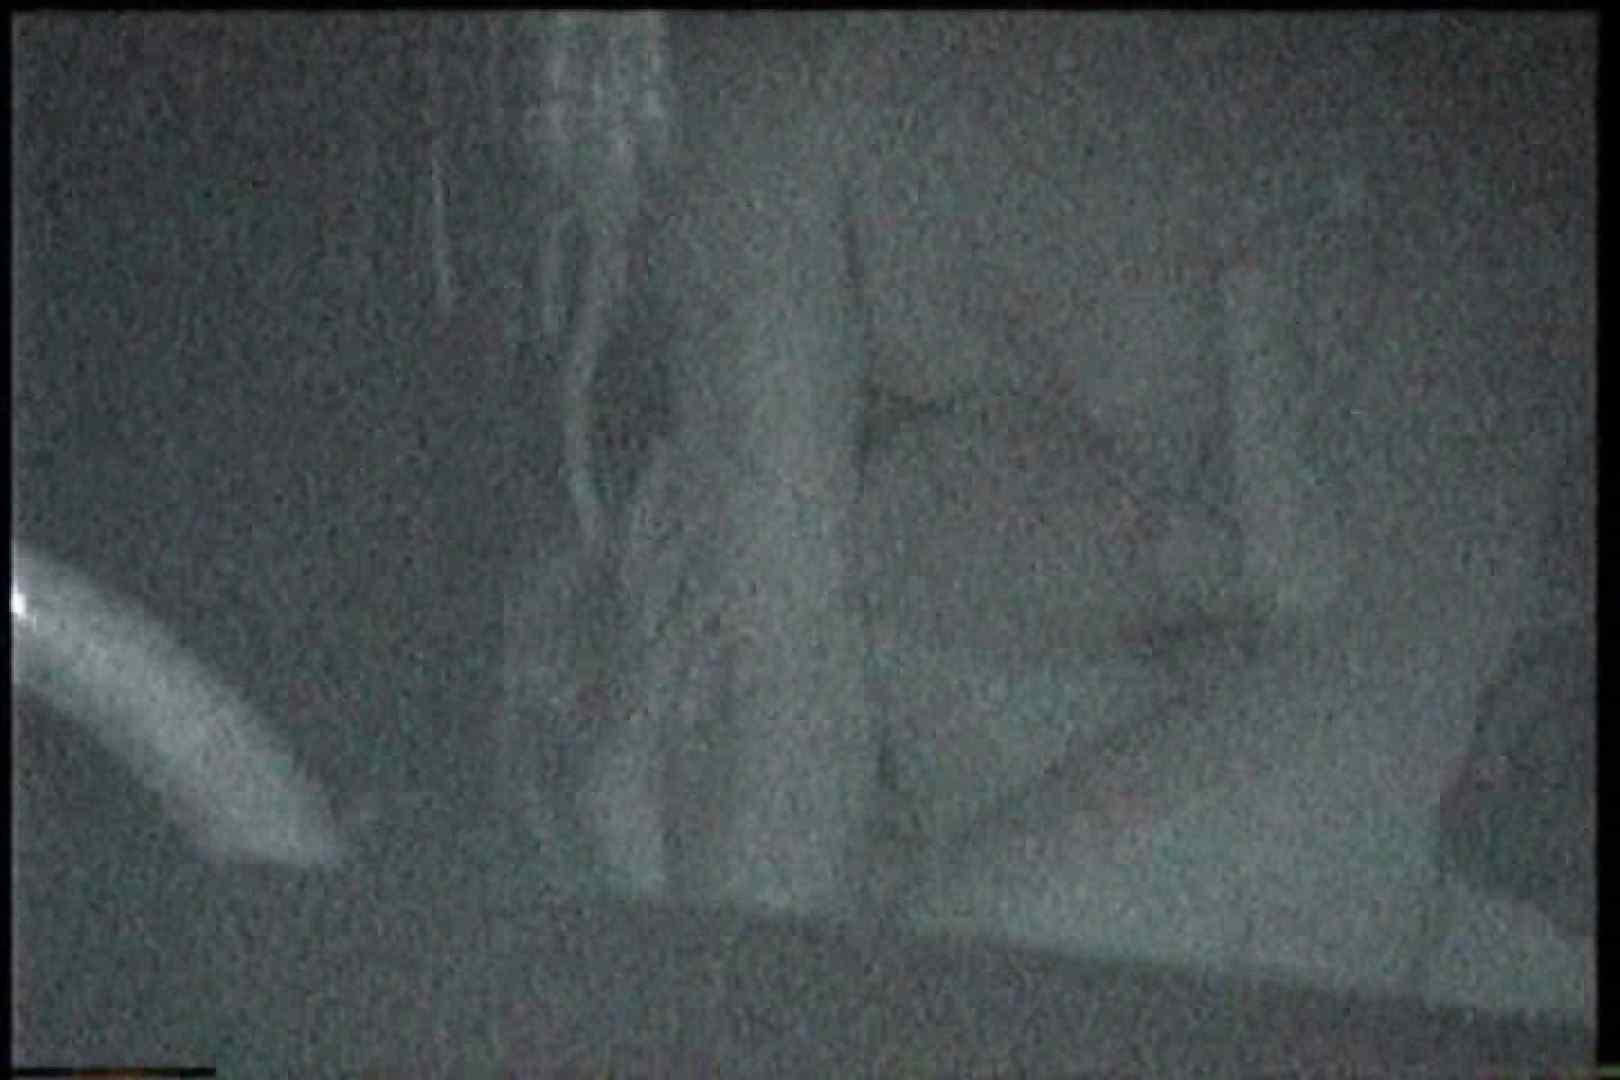 充血監督の深夜の運動会Vol.191 OLエロ画像  105PICs 56